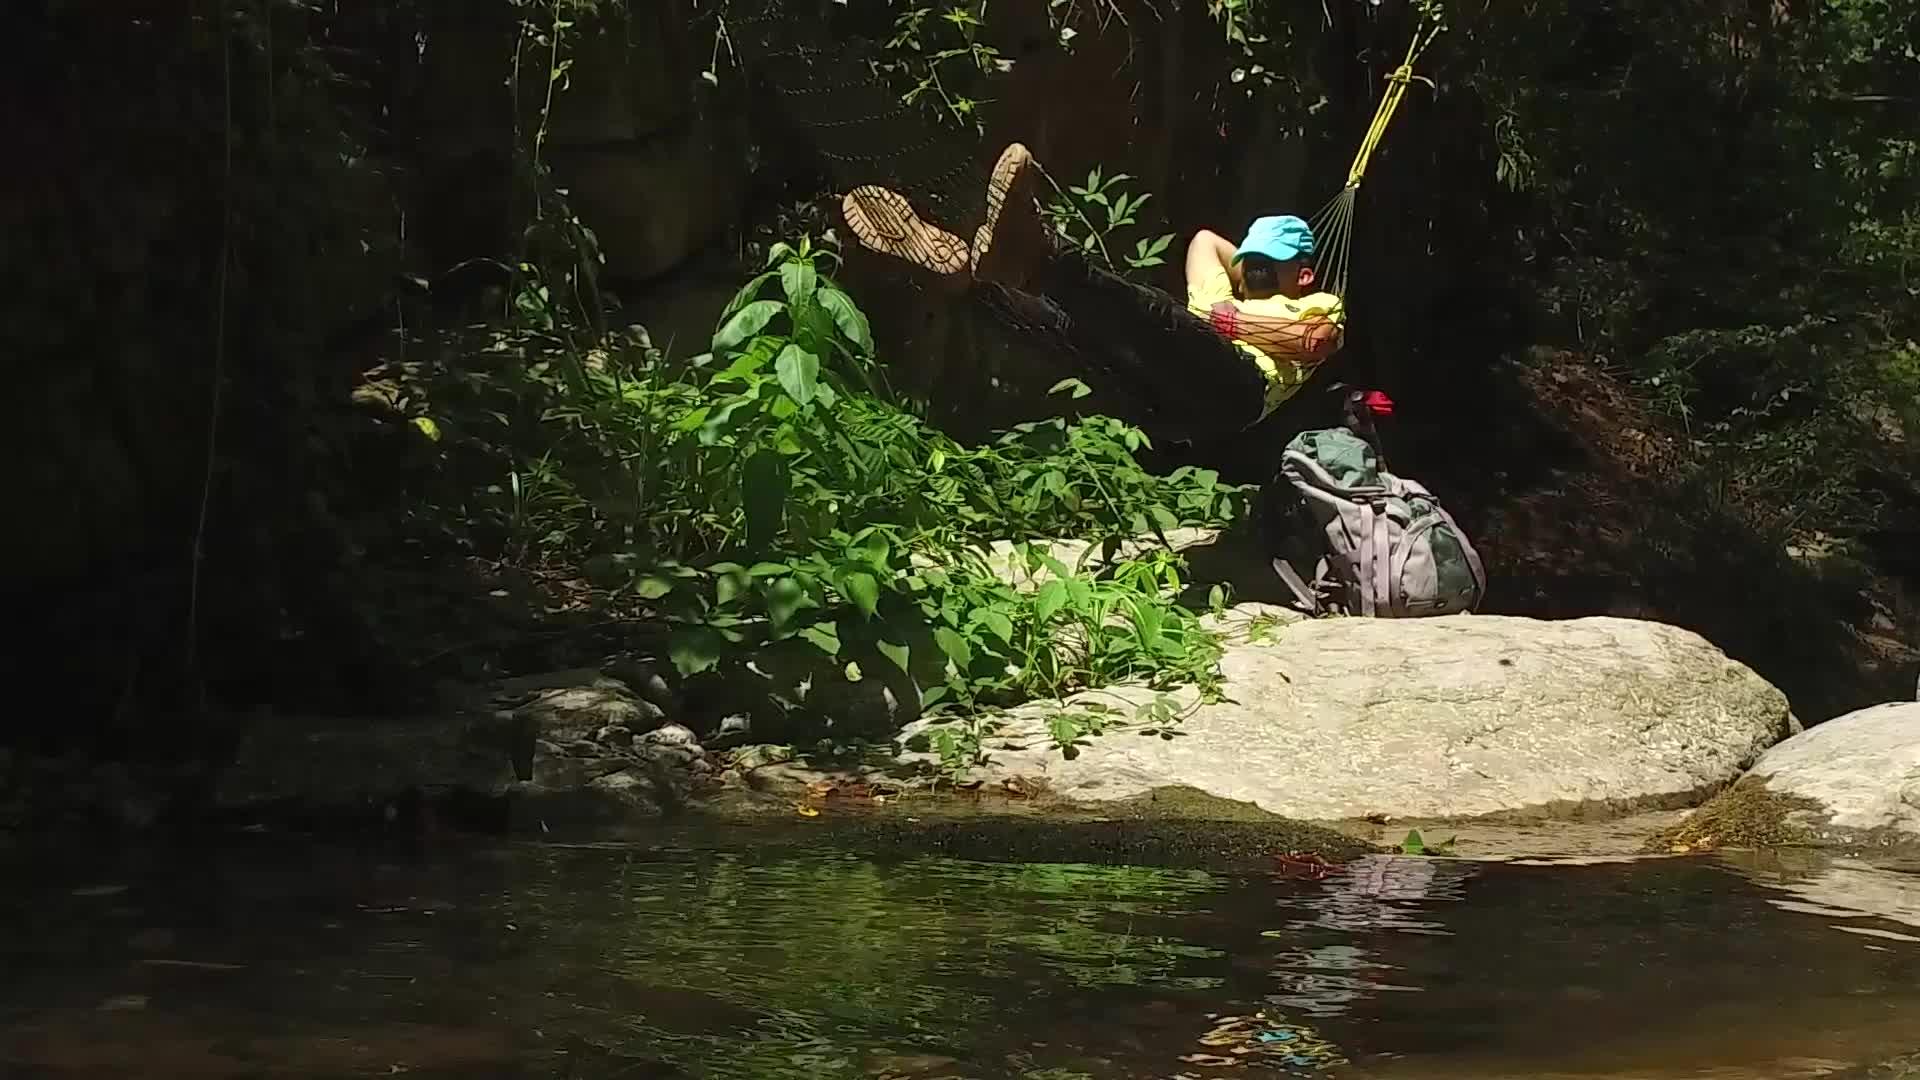 فرود از آبشارهای شیرآباد